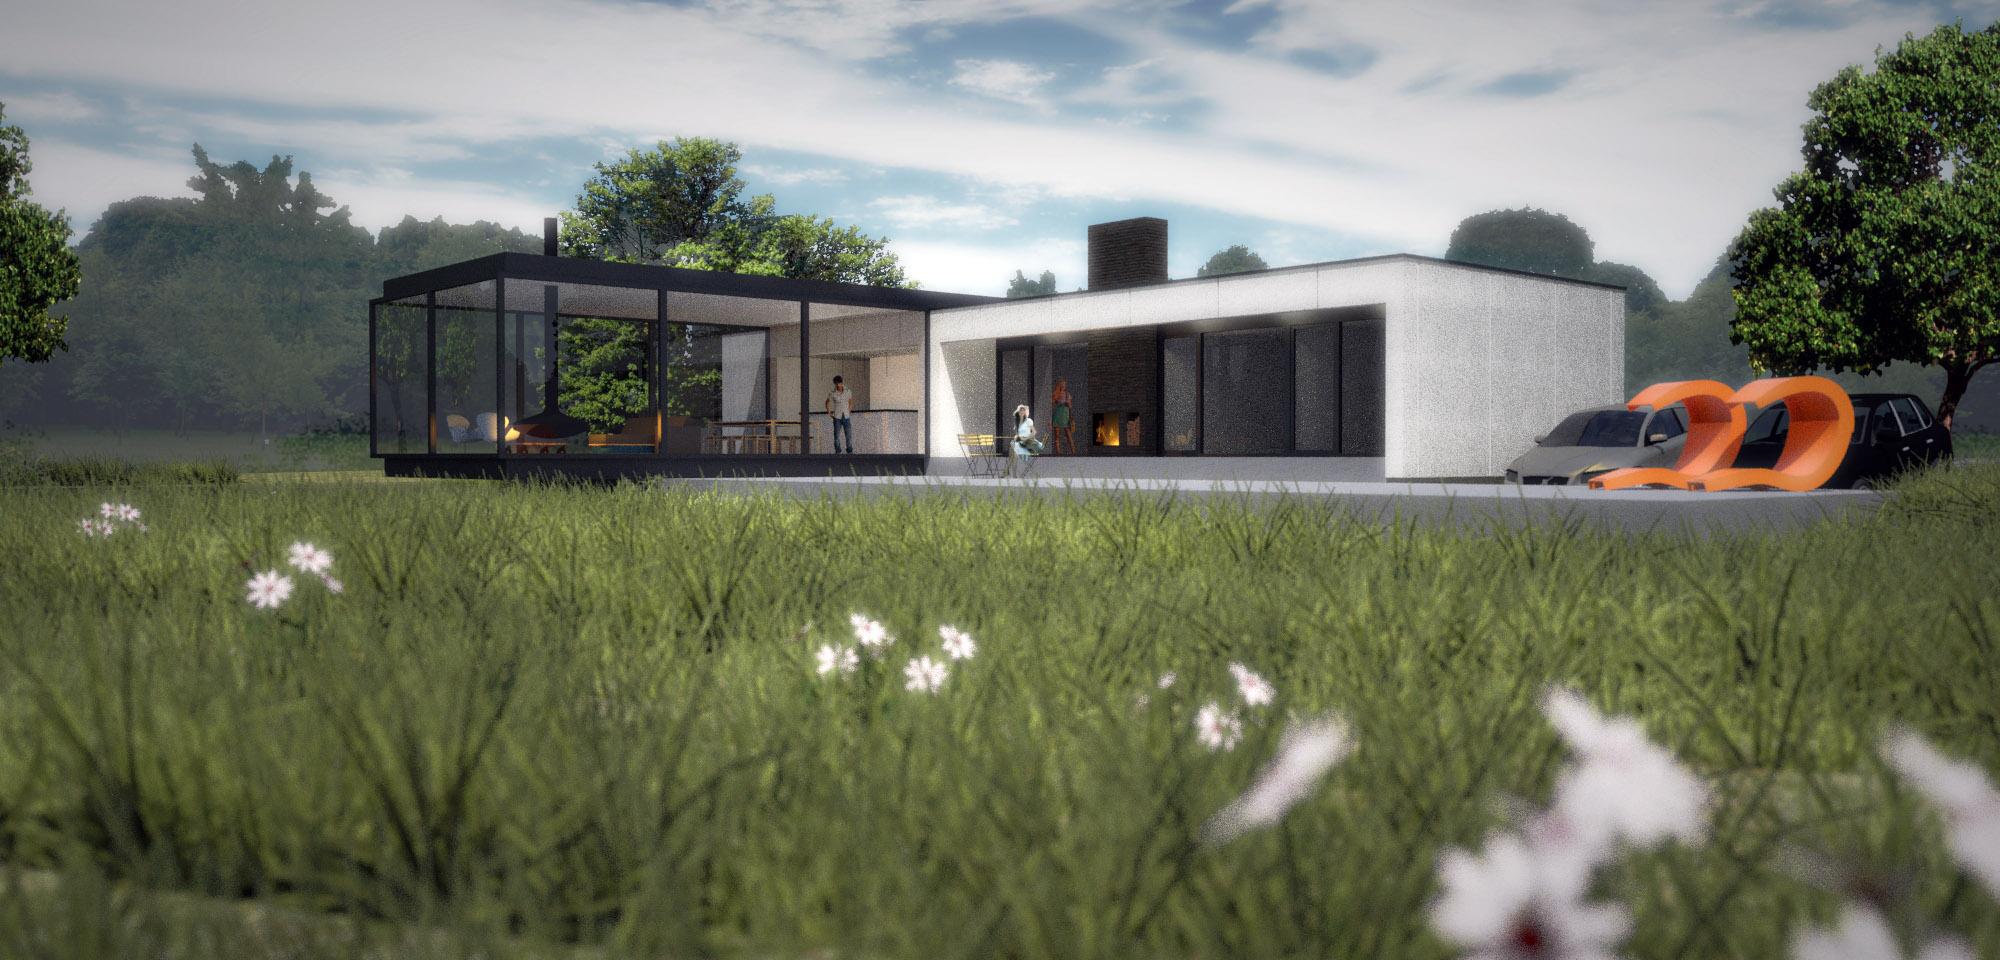 Villa Vechtdal, strakke architectuur in een ruige omgeving